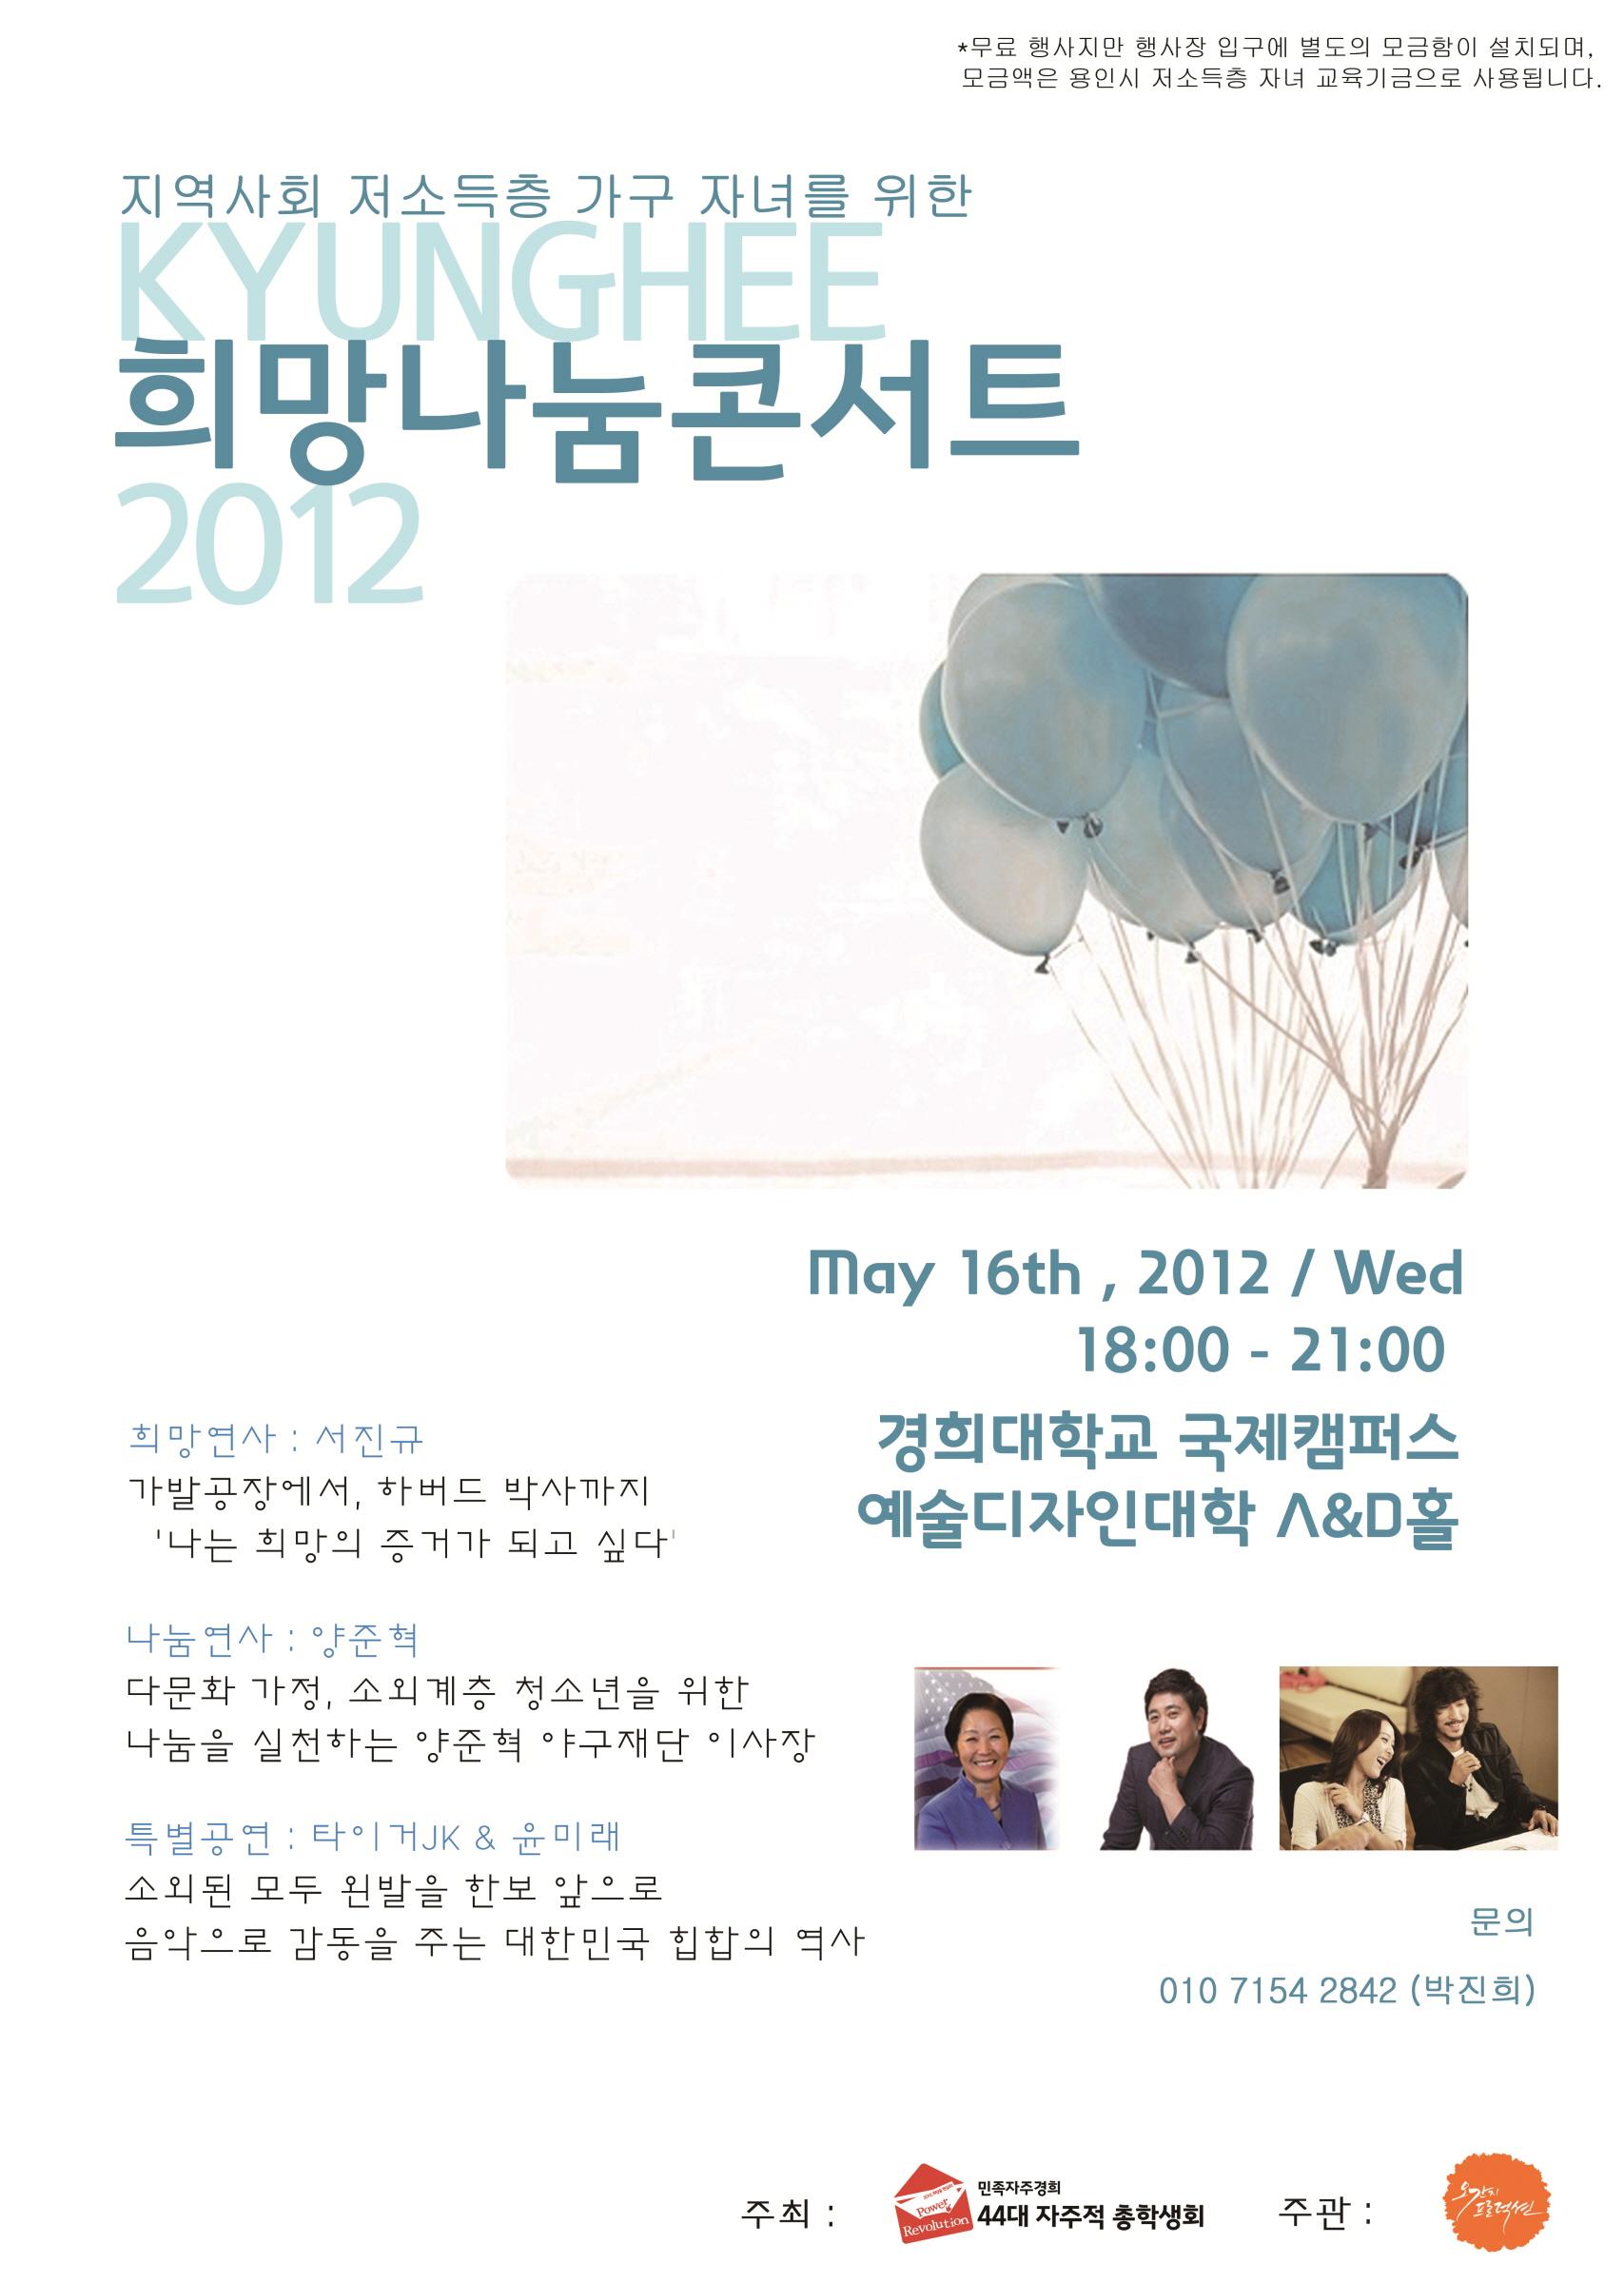 _희망나눔콘서트 포스터(최종).jpg : [총학생회] 2012 경희 희망나눔콘서트에 여러분을 초대합니다!